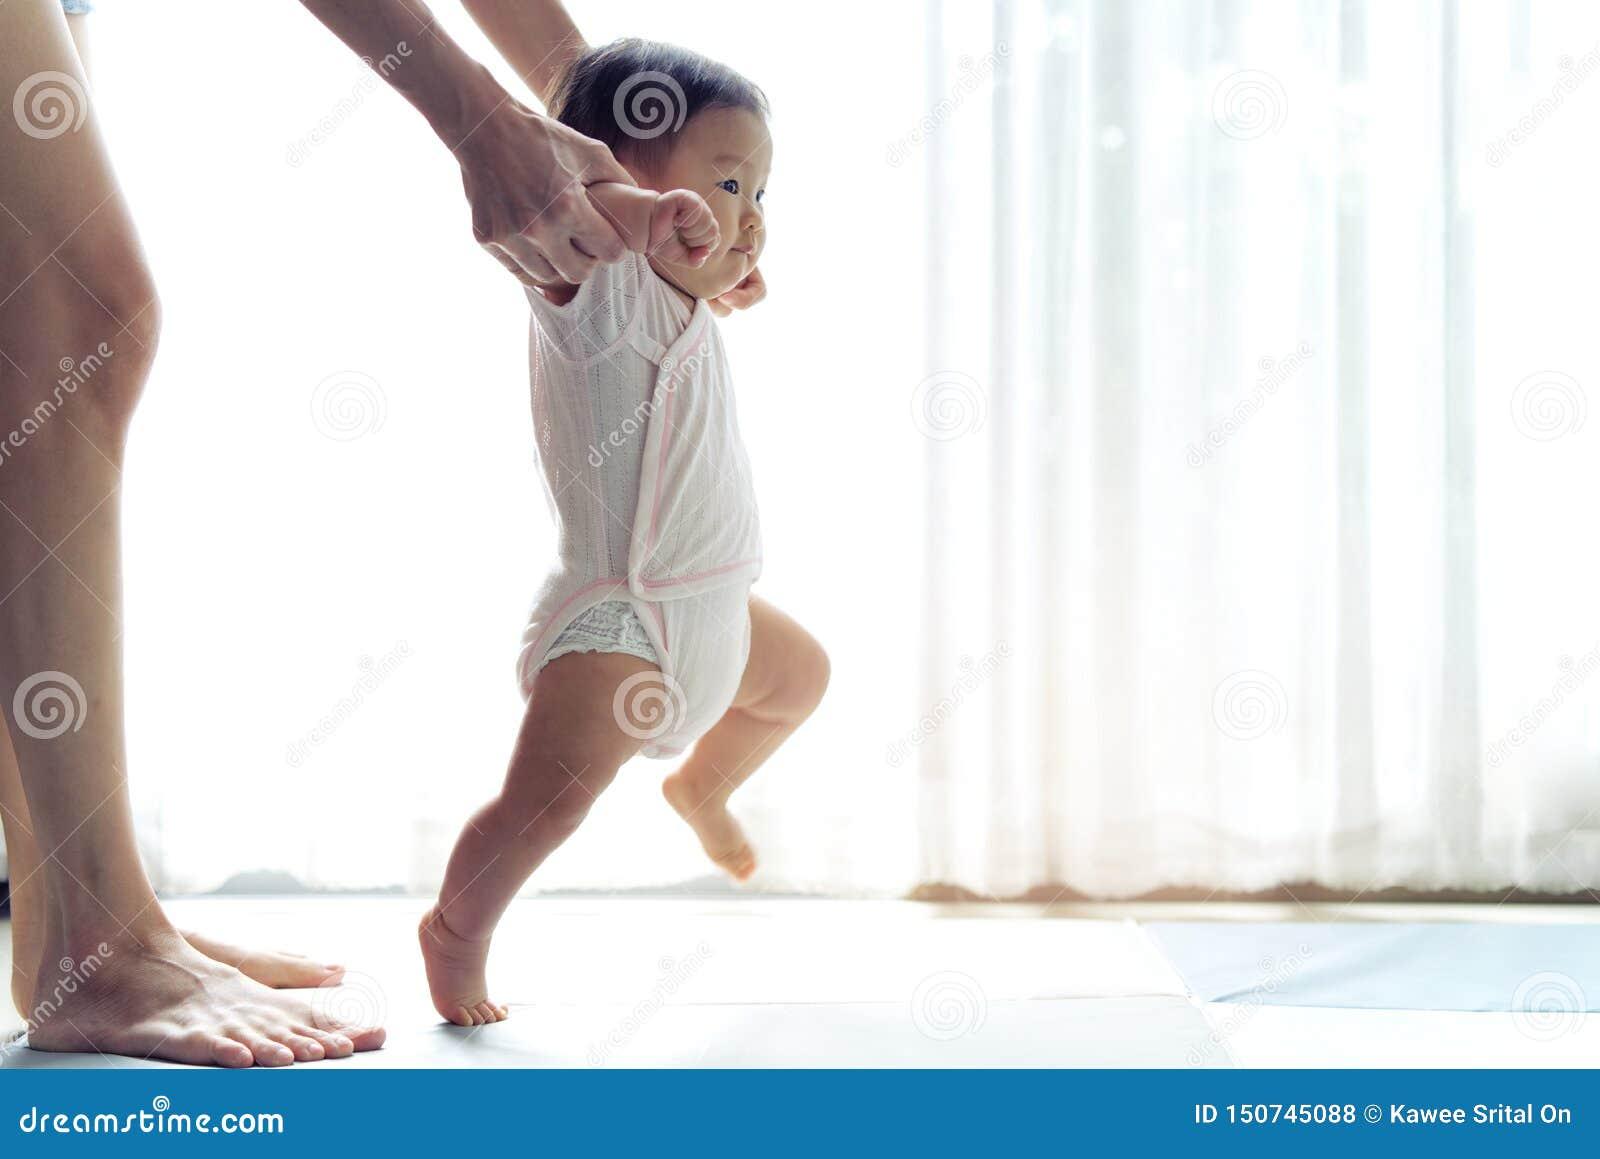 Bebé asiático que toma primero medidas para caminar adelante en la estera suave